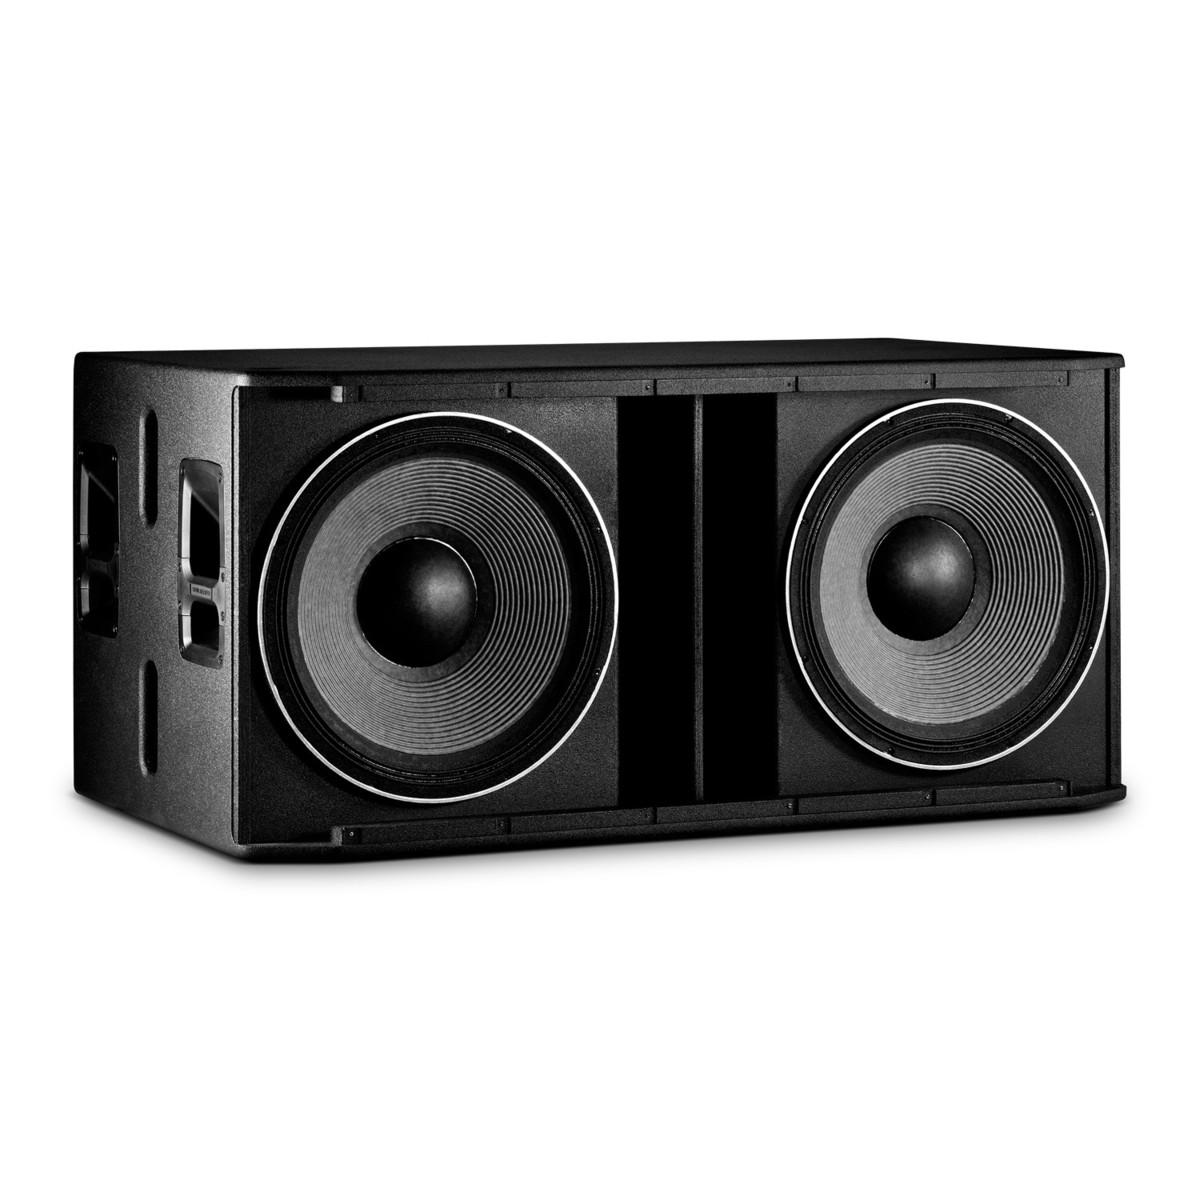 jbl srx828sp 18 dual active subwoofer system at gear4music. Black Bedroom Furniture Sets. Home Design Ideas